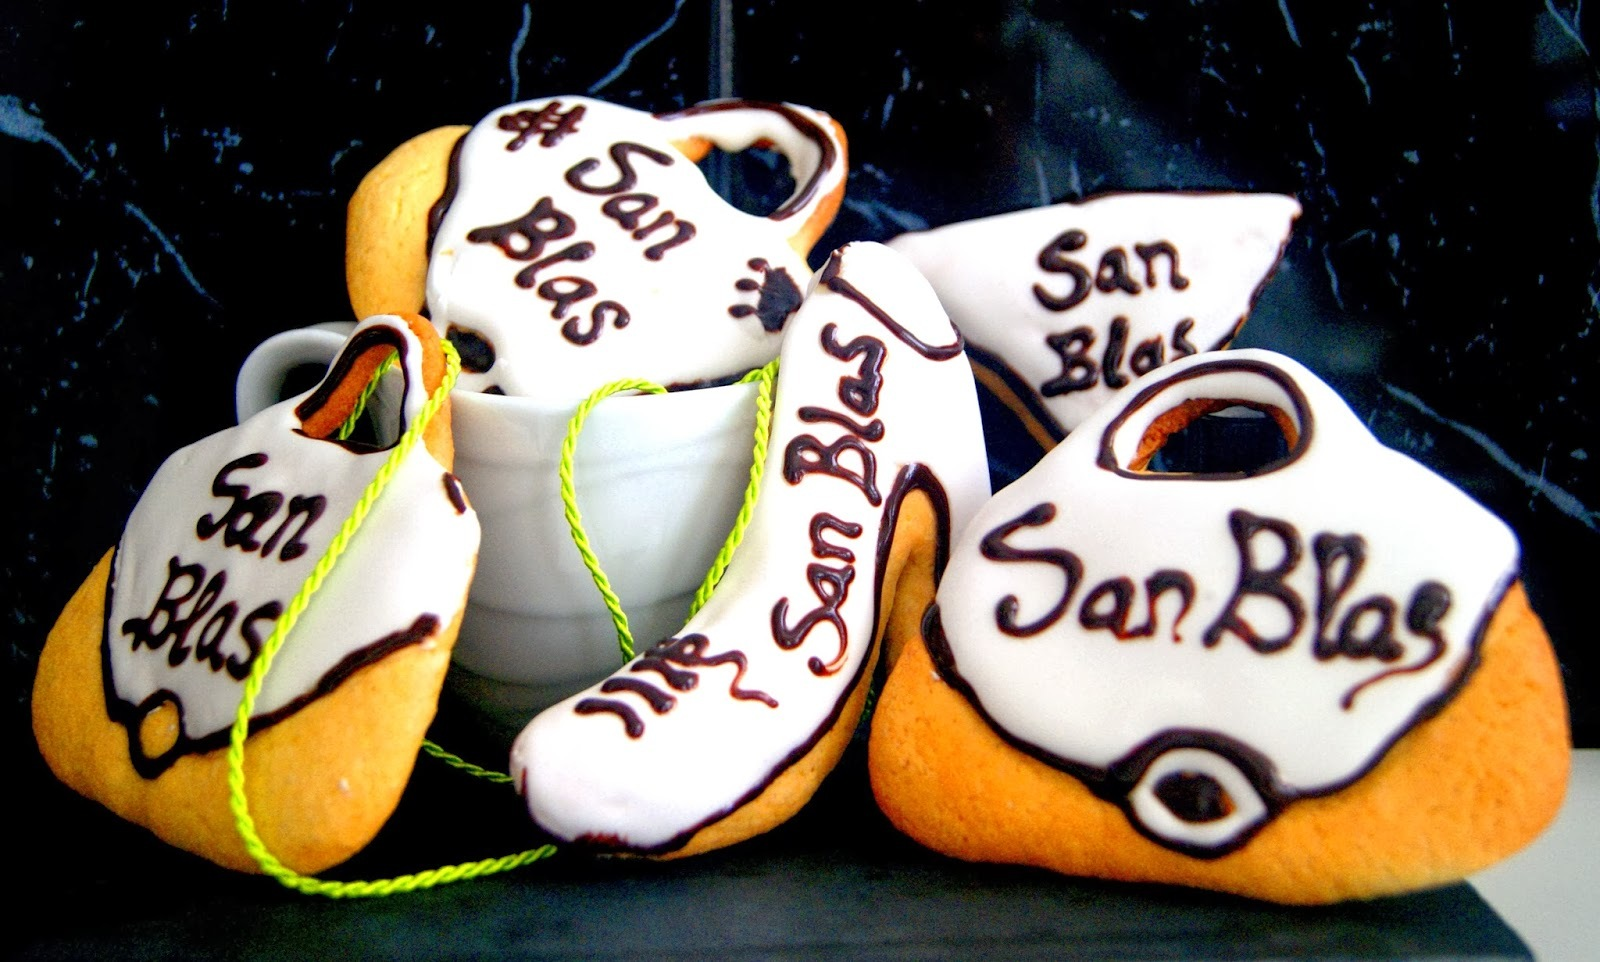 Tortas de San Blas (San Blas Opilak)